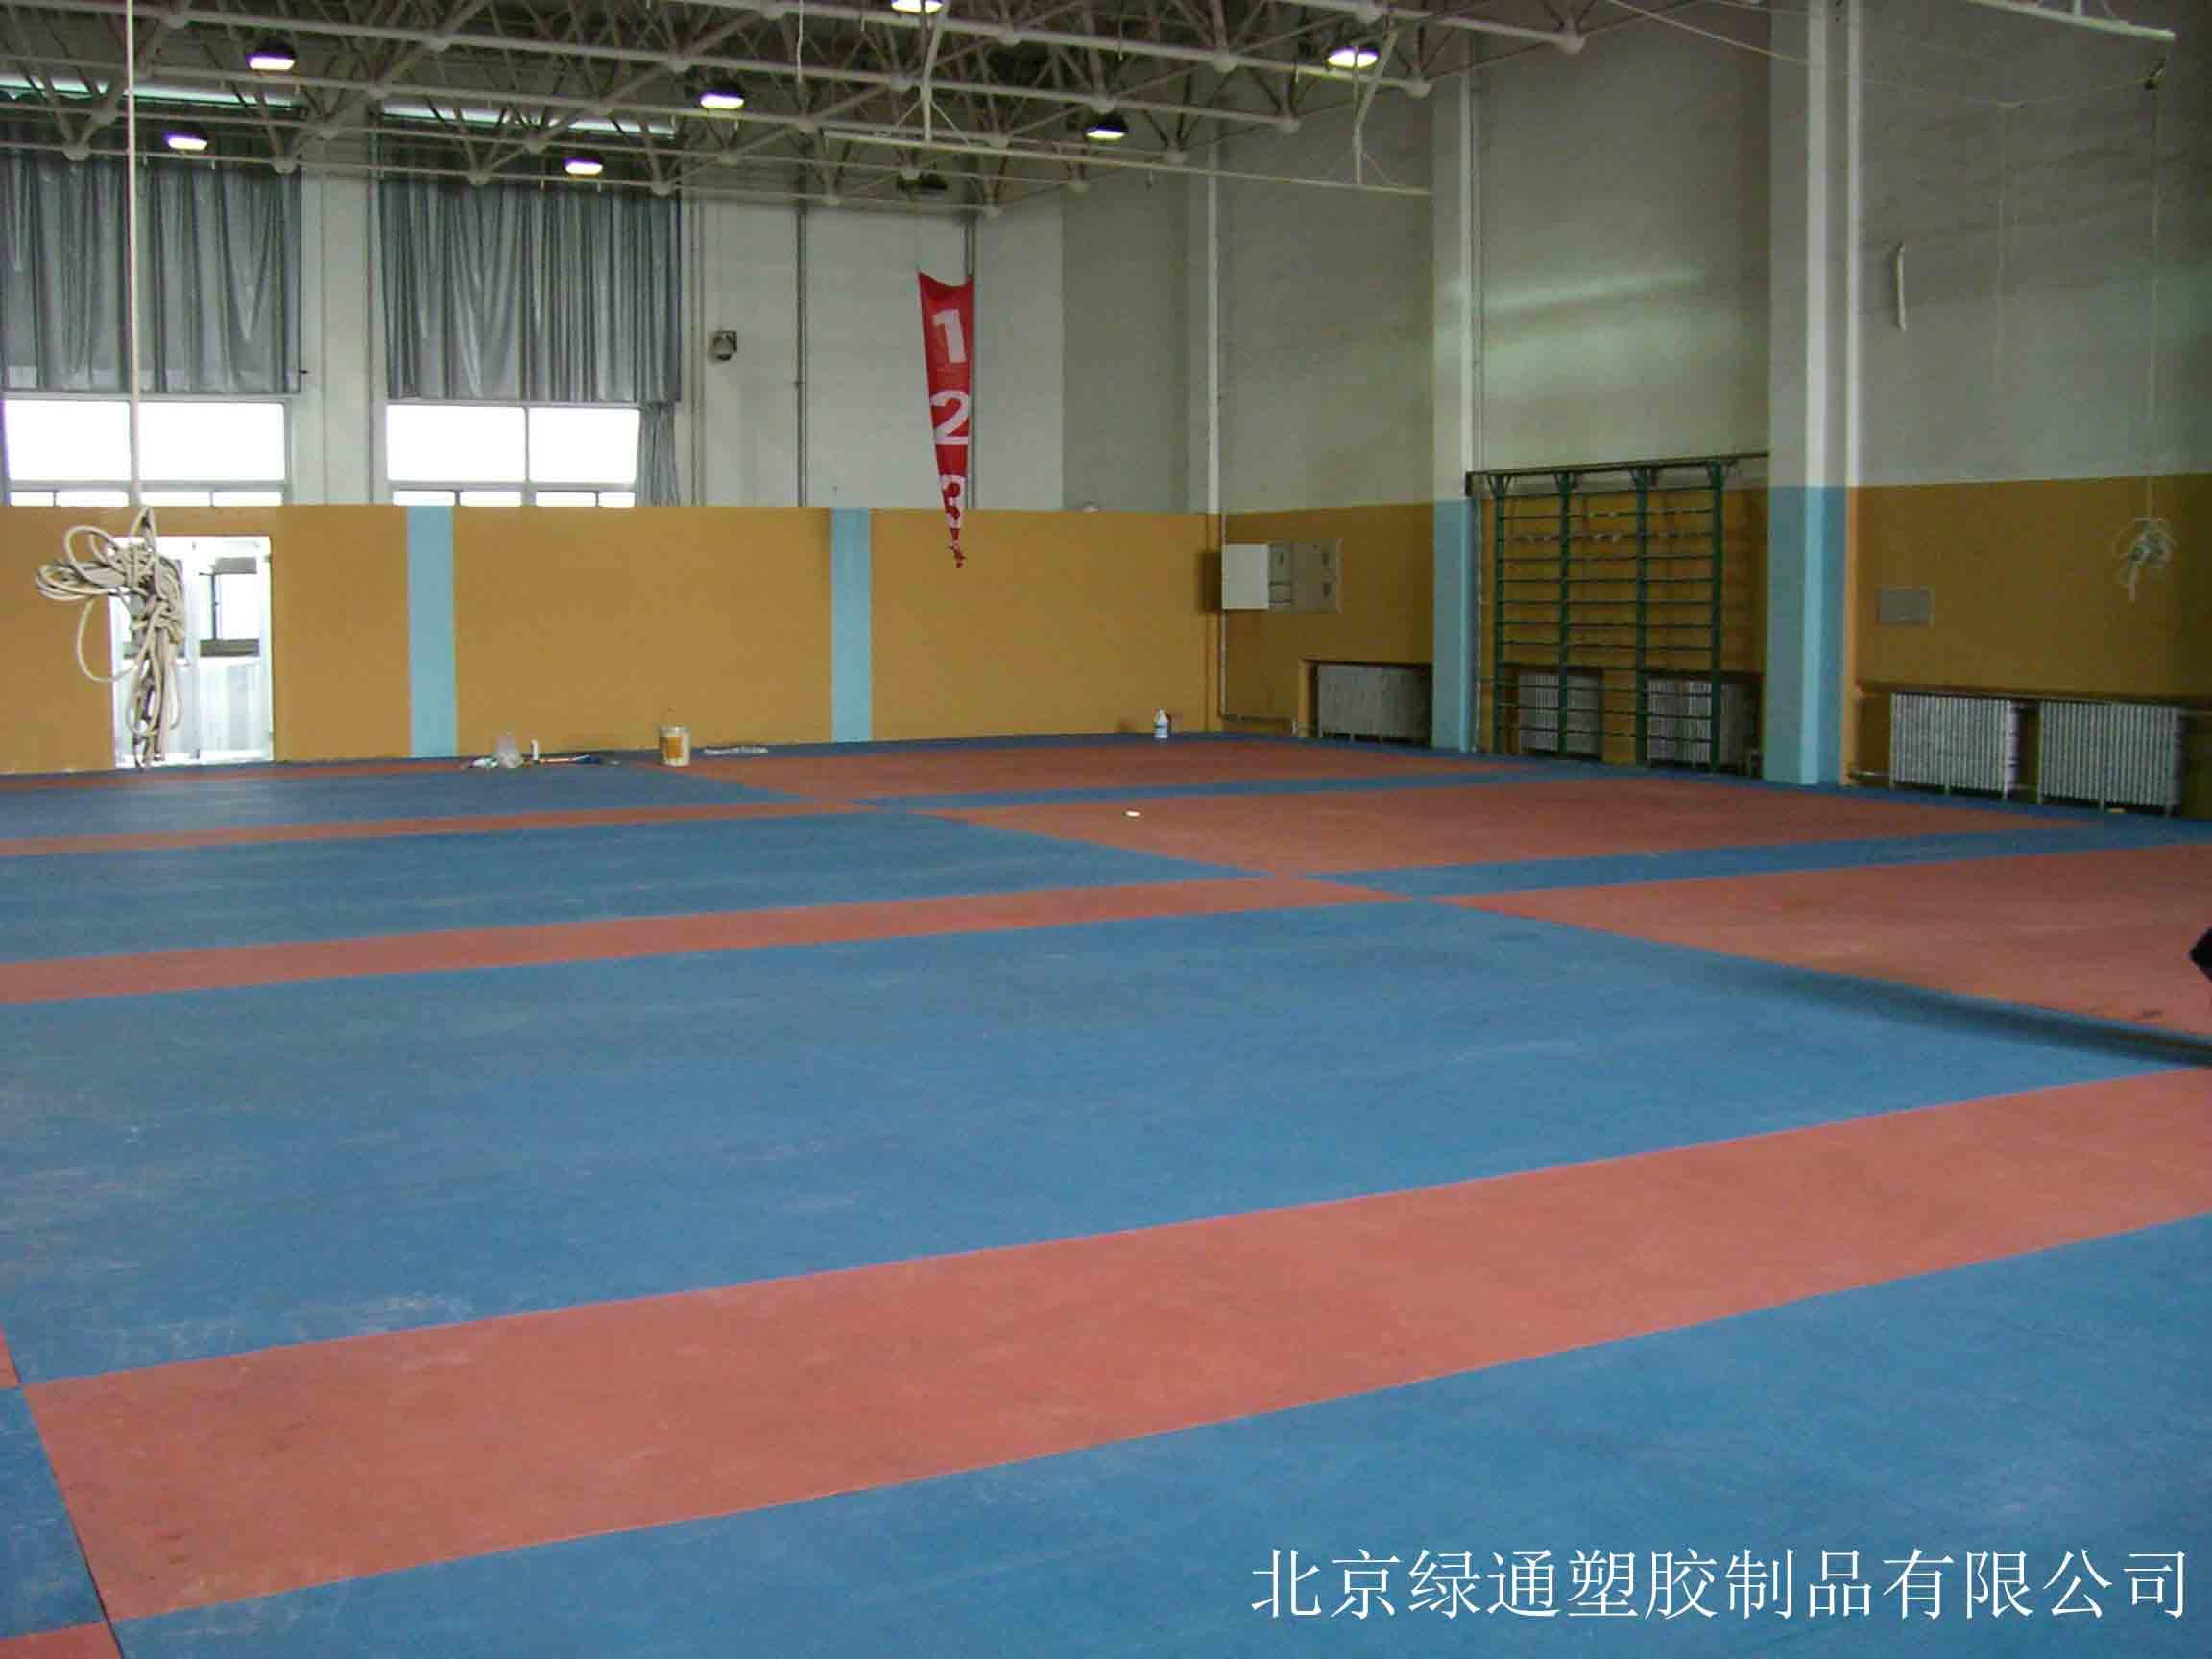 橡胶排球场地板北京绿通塑胶专业供应_石景山橡胶运动地板